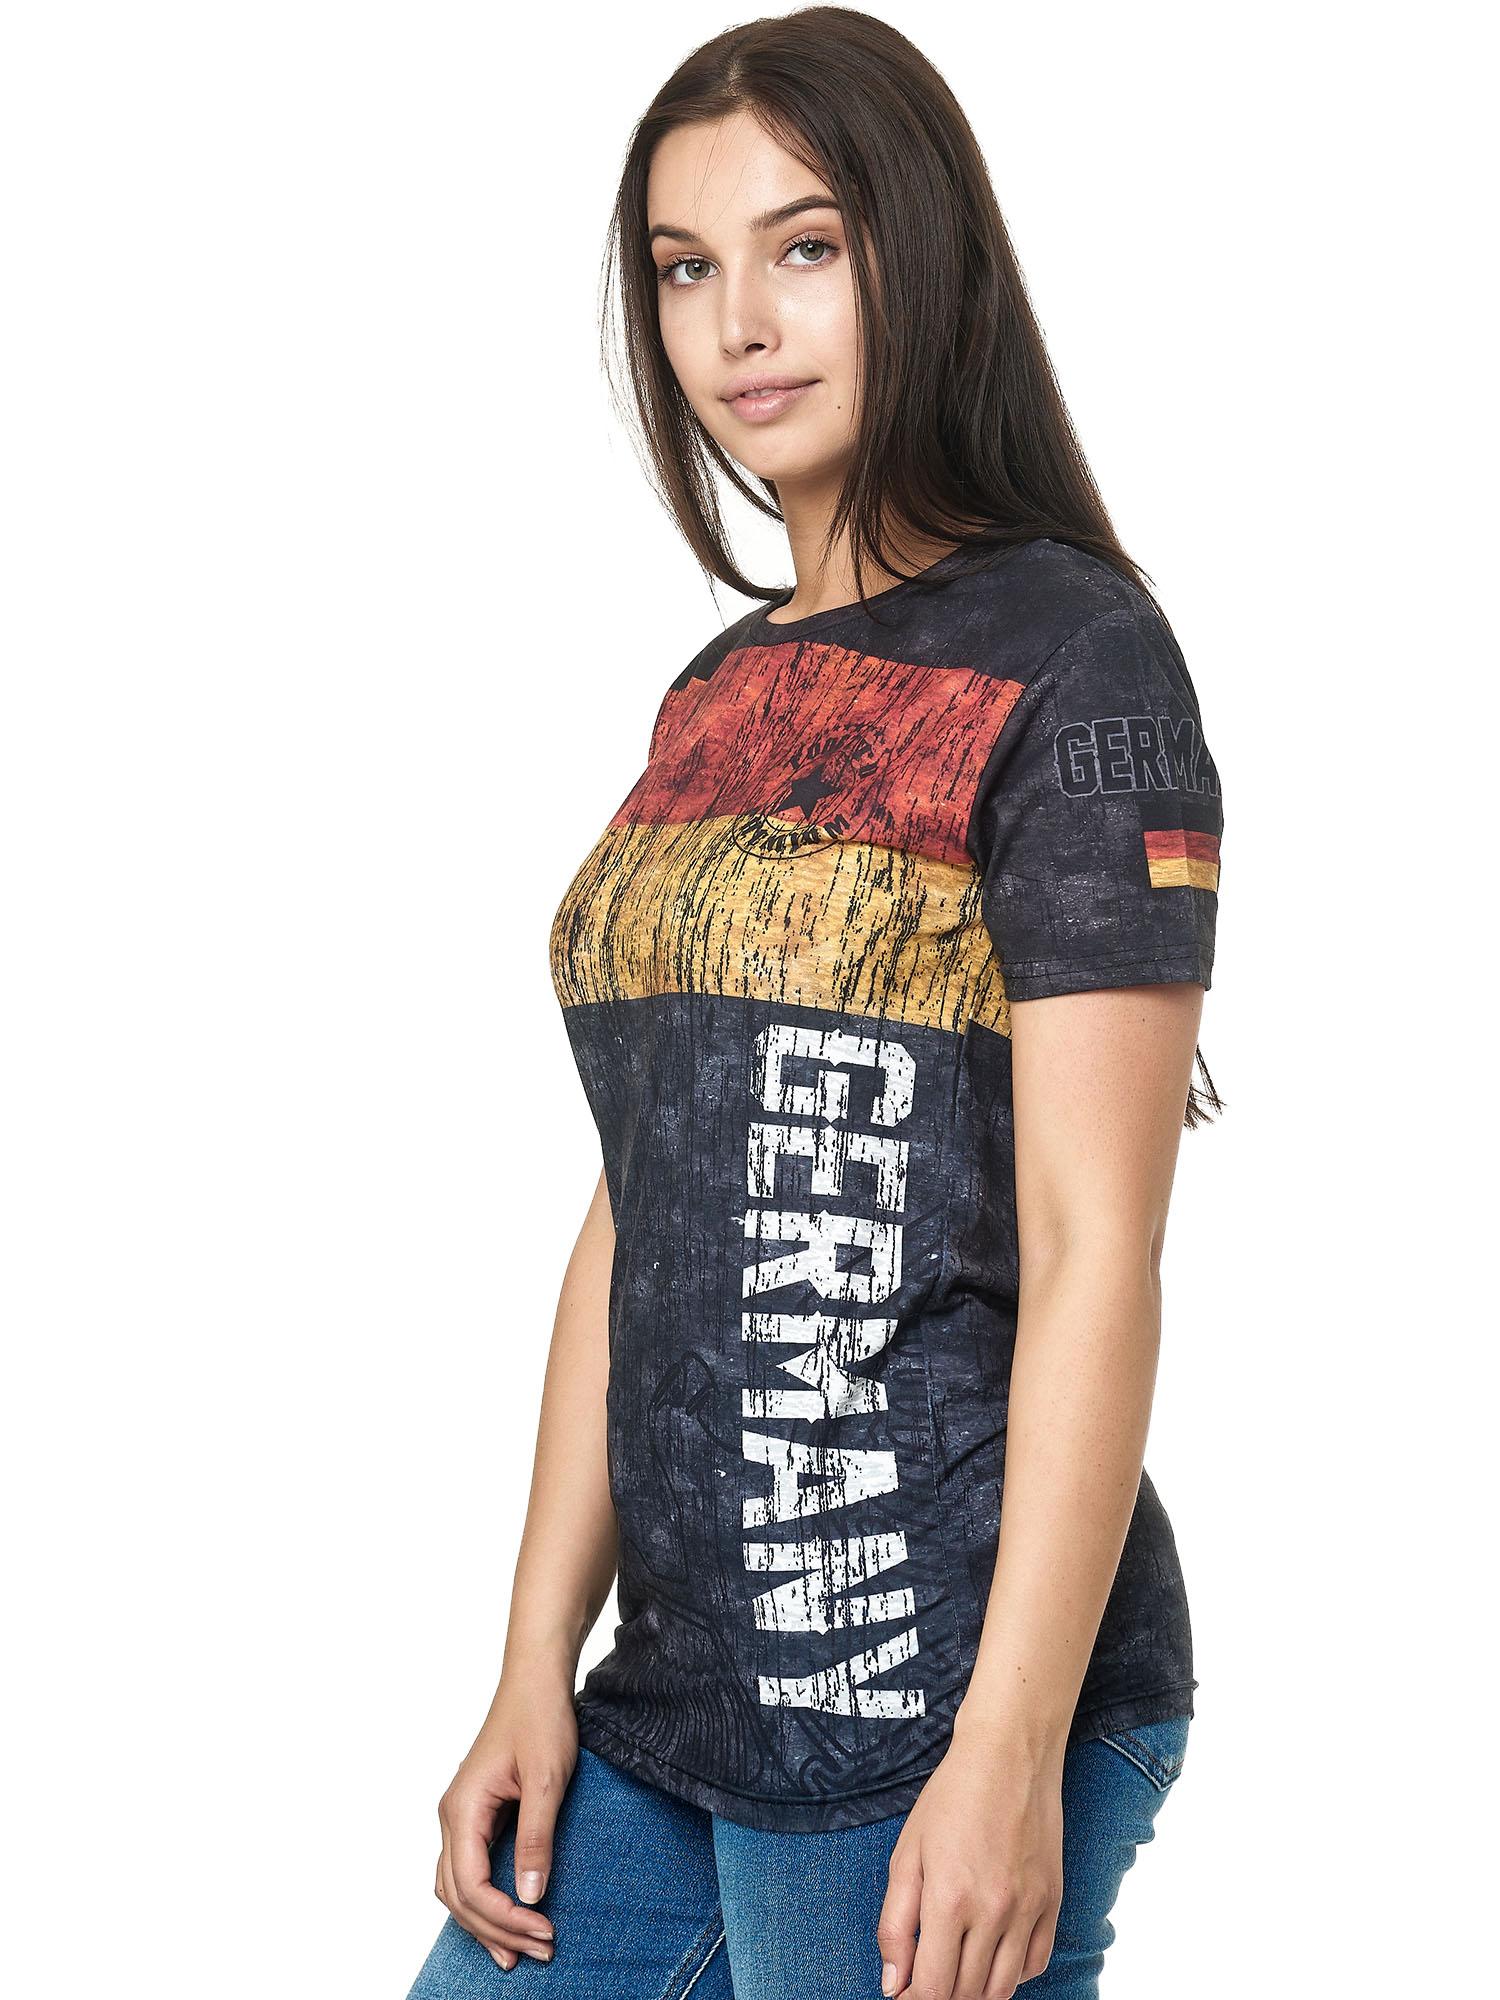 Paesi-da-Donna-T-shirt-A-Maniche-Corte-Girocollo-donne-CALCIO-Fanshirt-John-Kayna miniatura 47